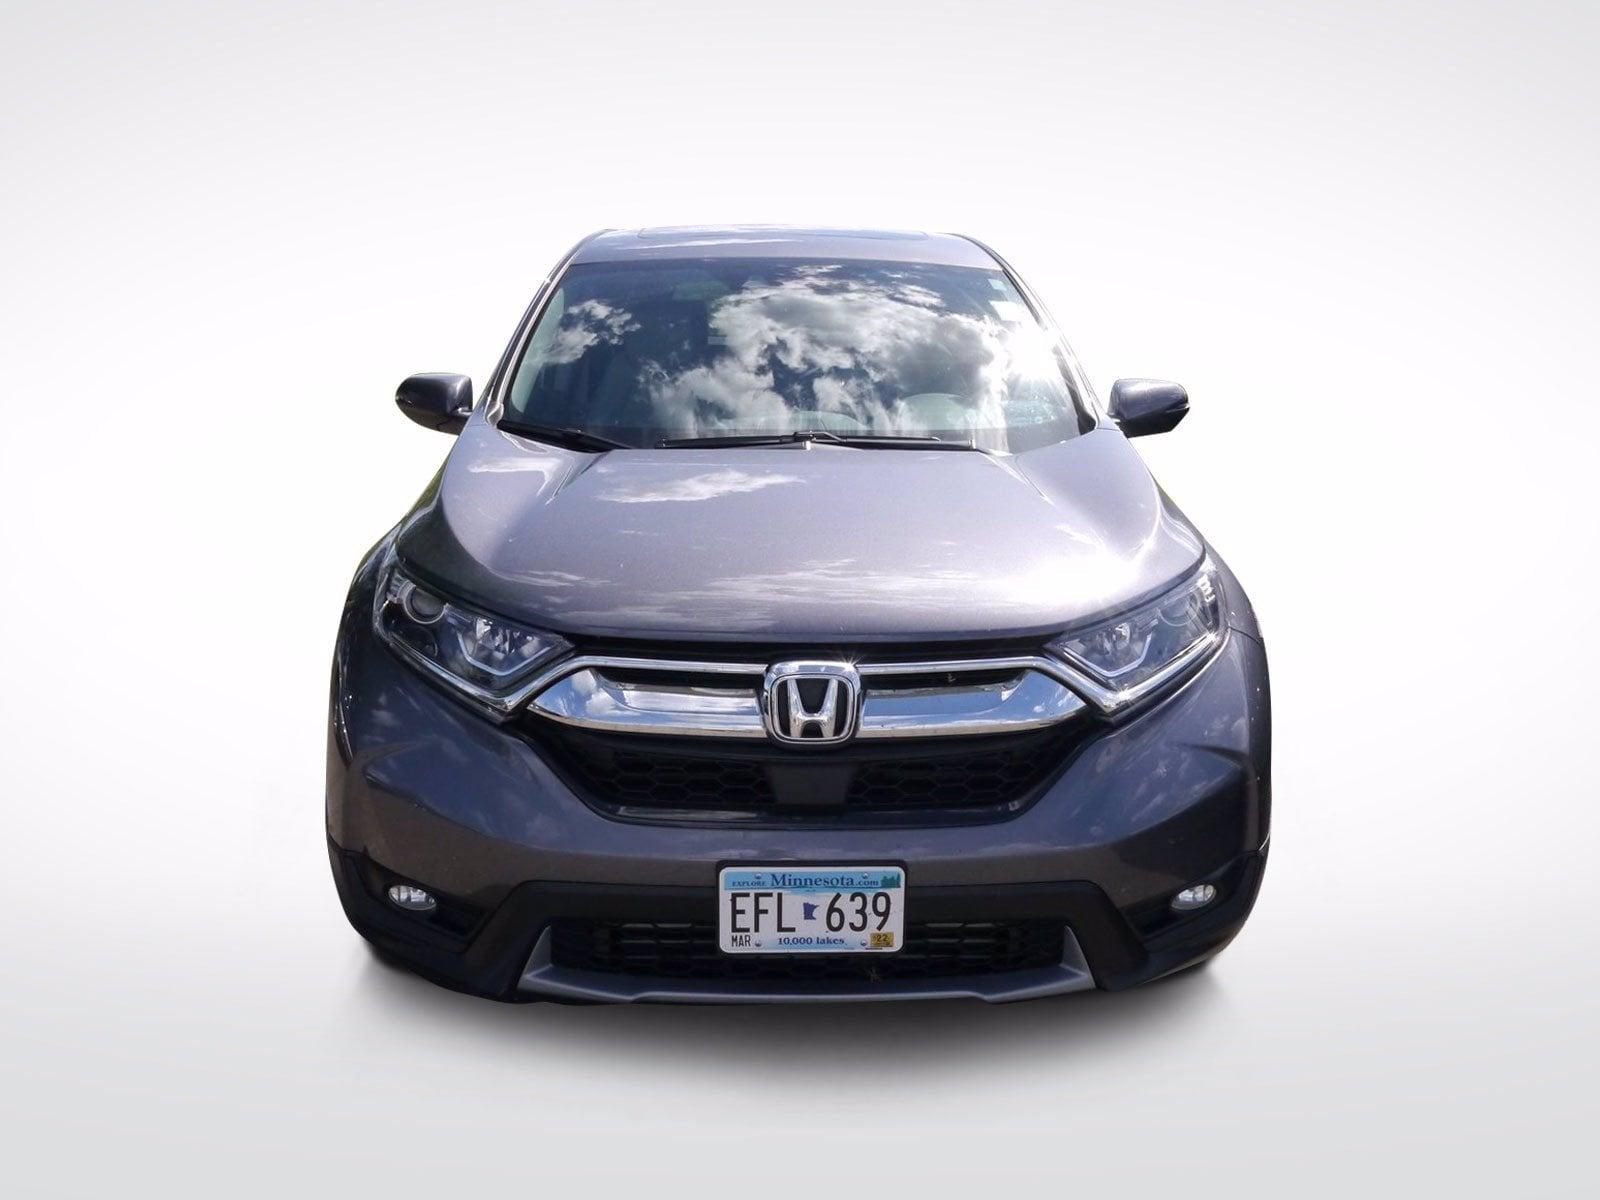 Used 2019 Honda CR-V EX-L with VIN 5J6RW2H80KL037542 for sale in Baxter, Minnesota